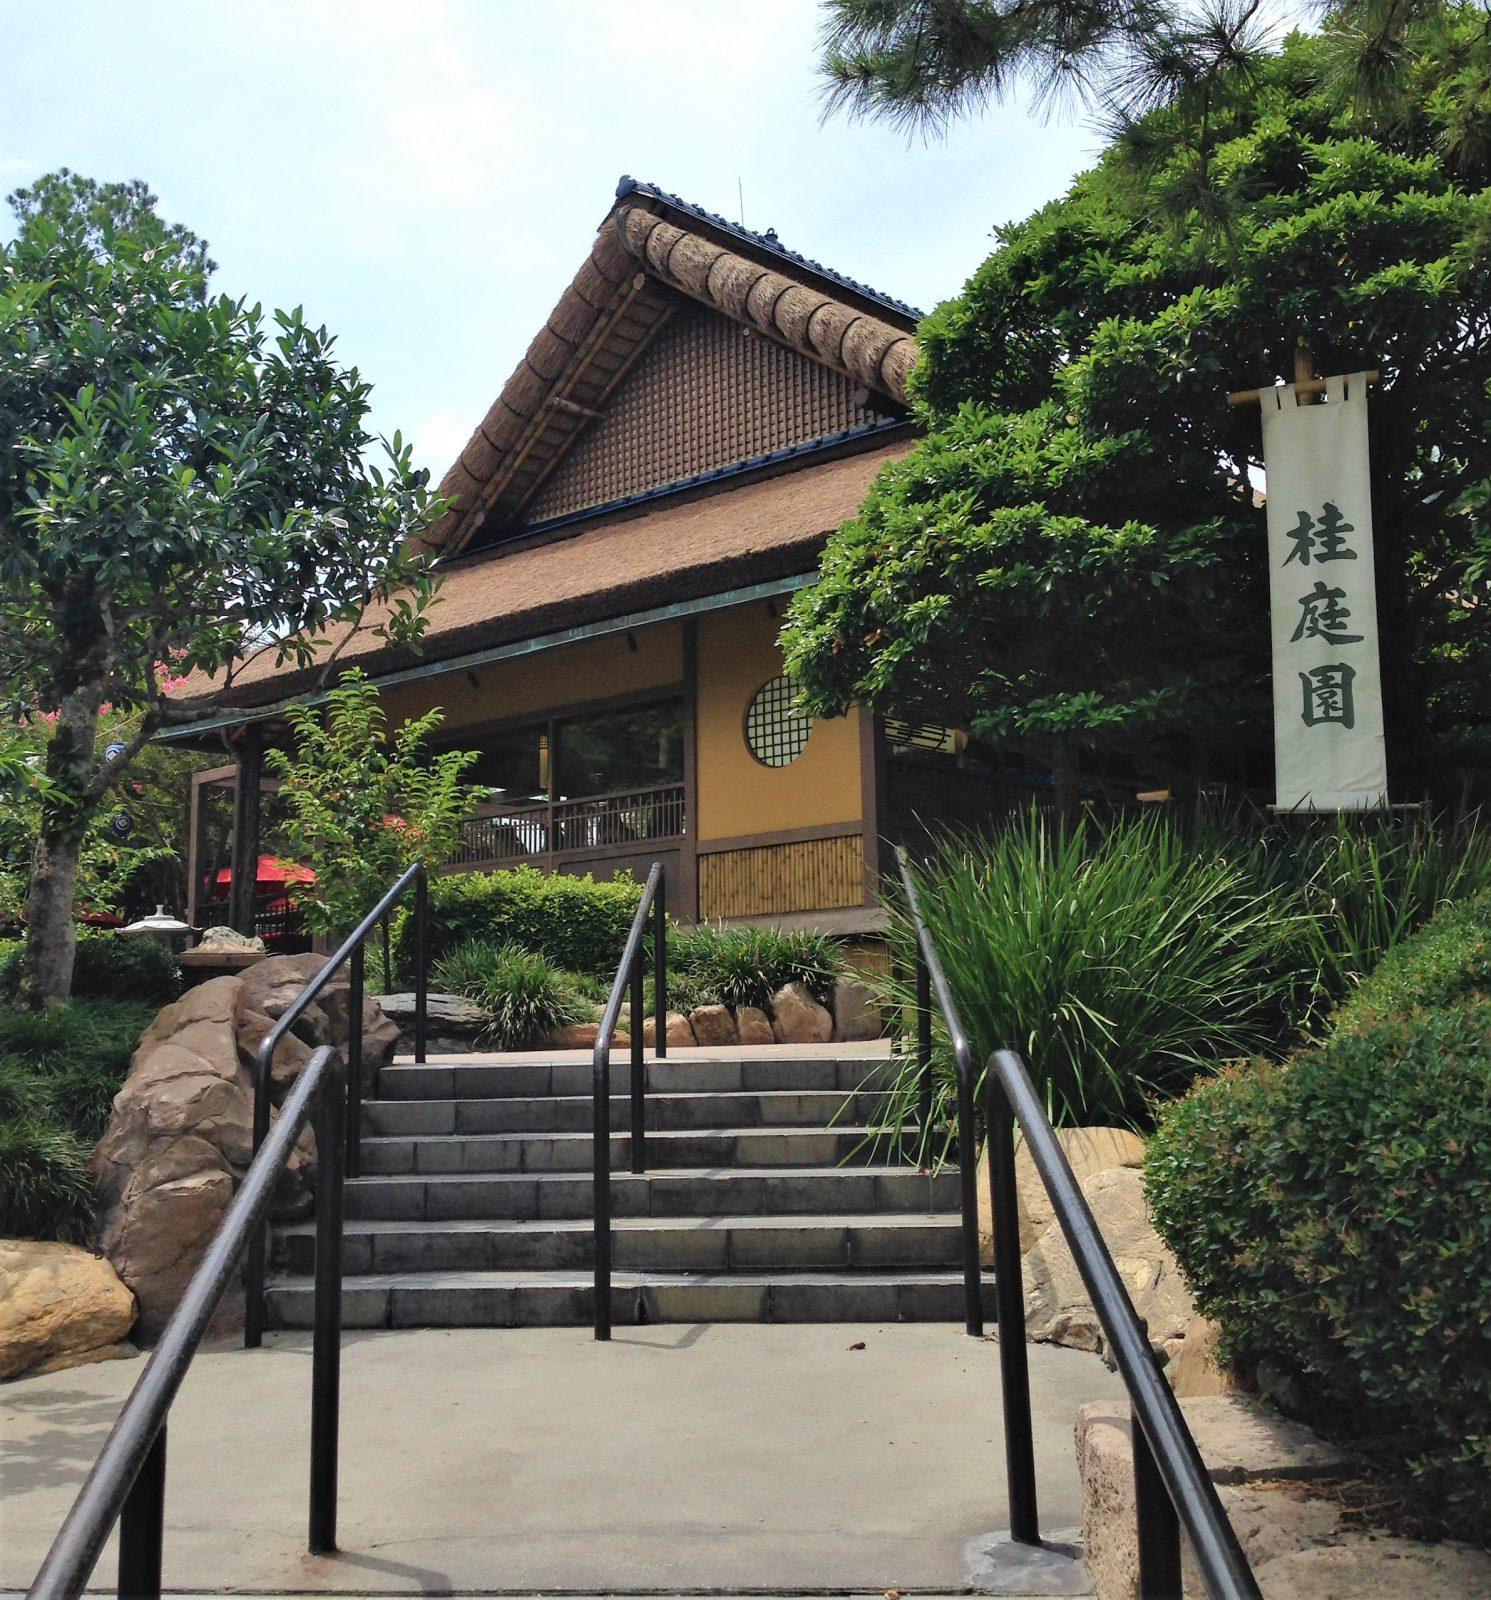 katsura grill building